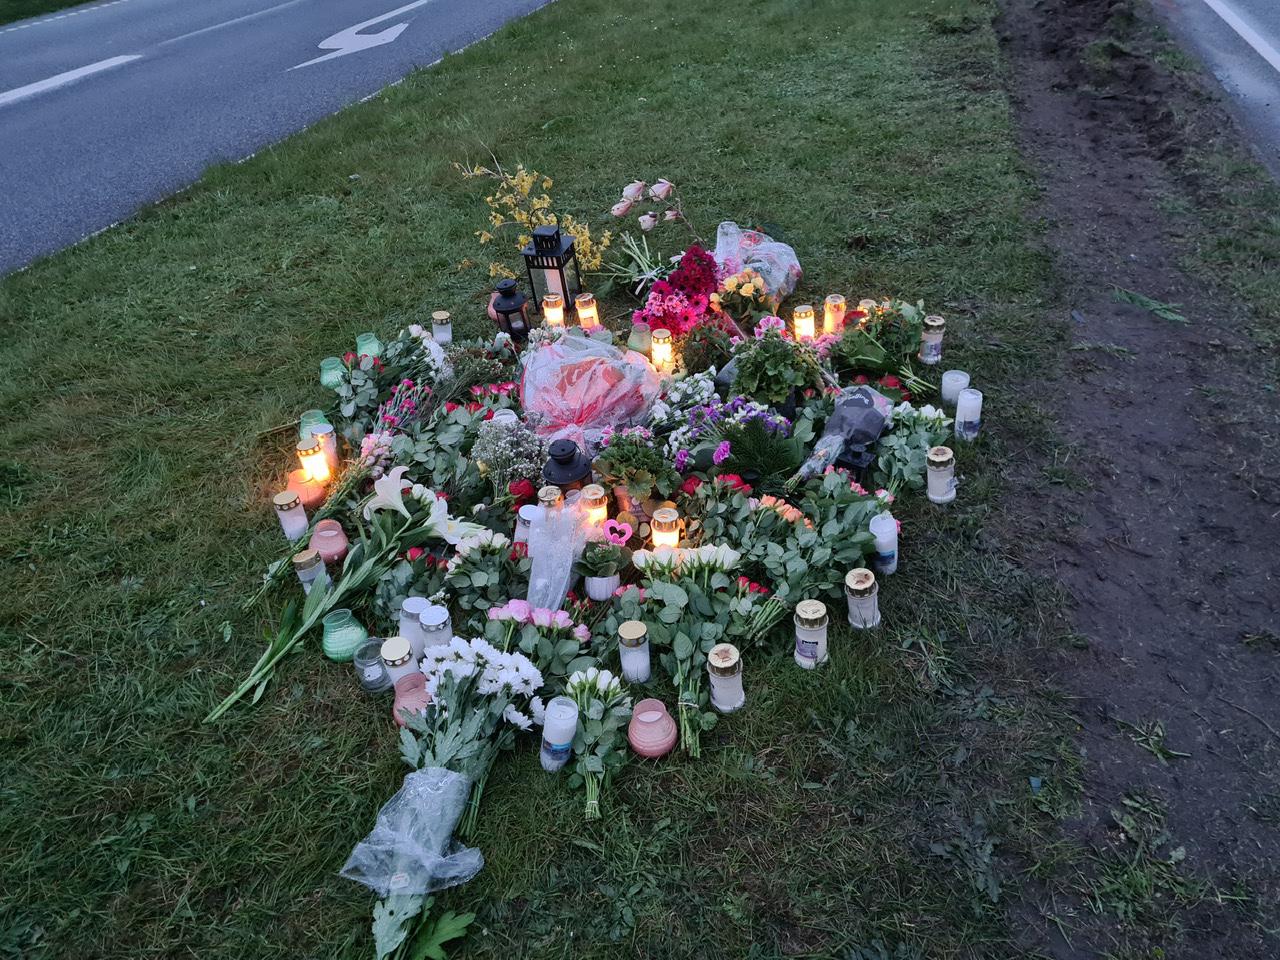 18-årig pige dræbt - blomster og lys